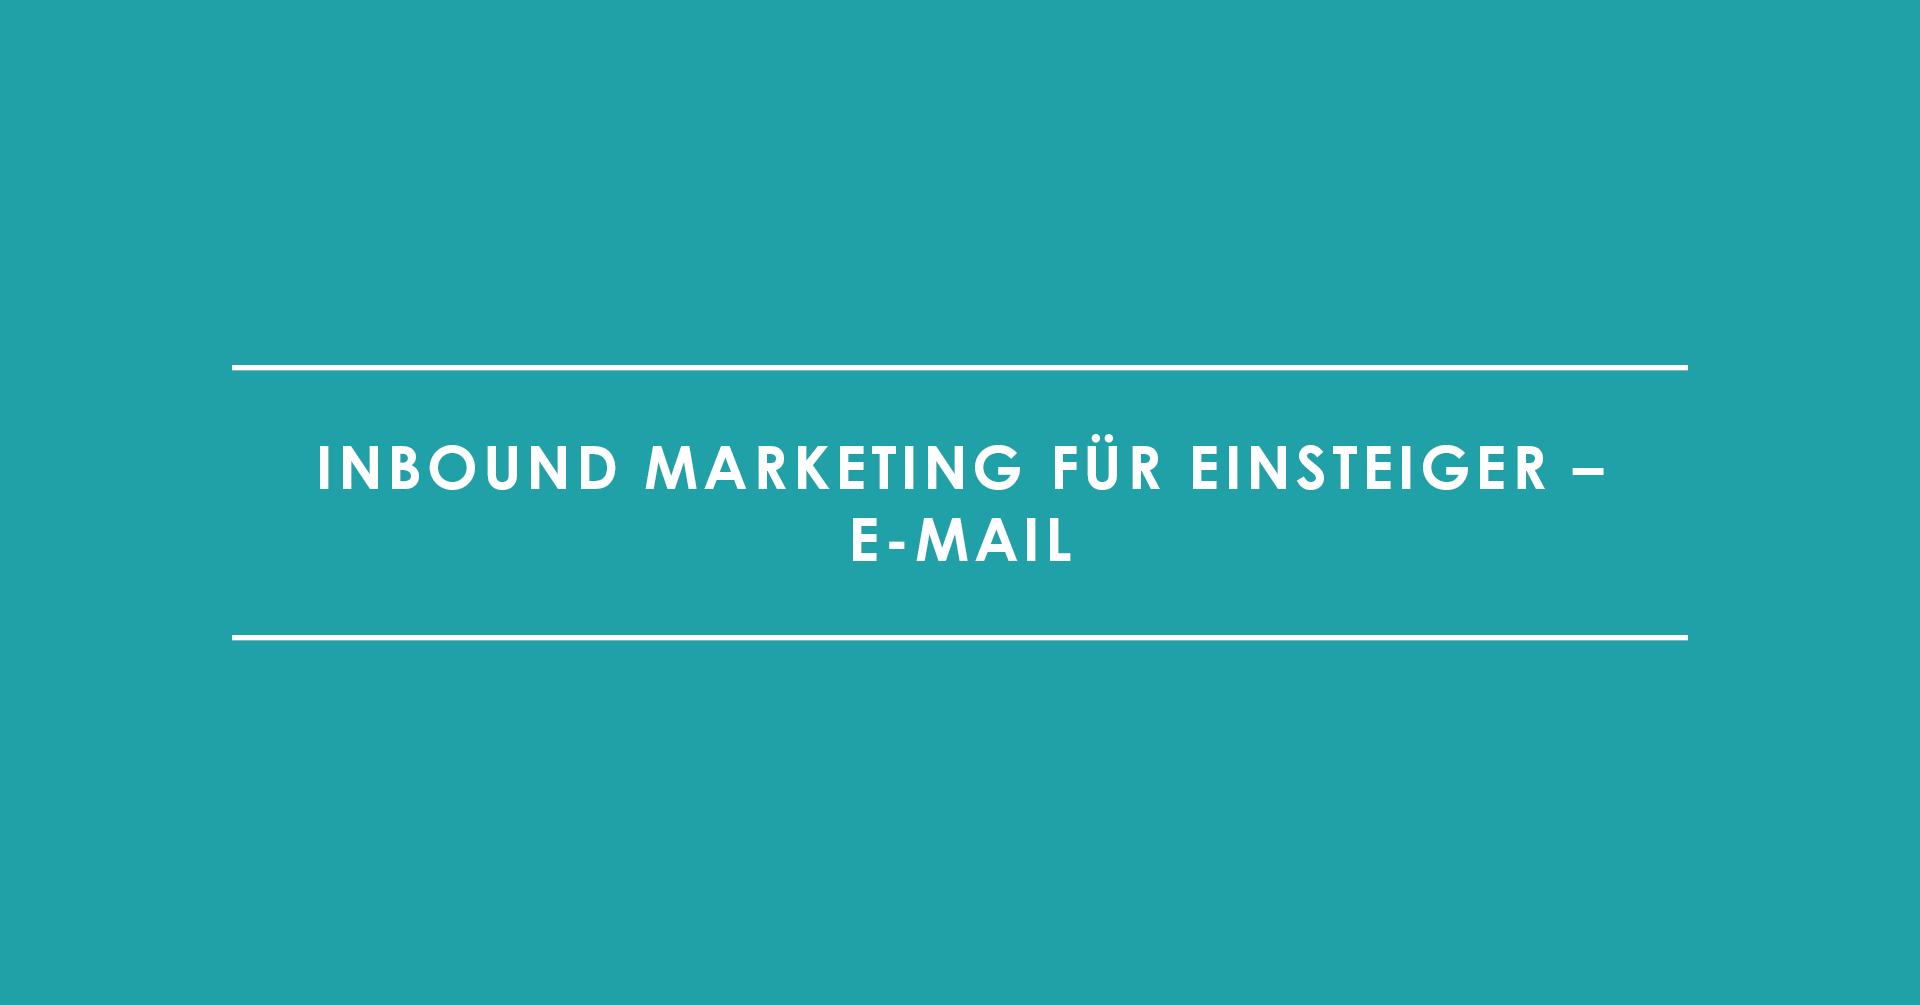 Inbound Marketing für Einsteiger: E-Mail